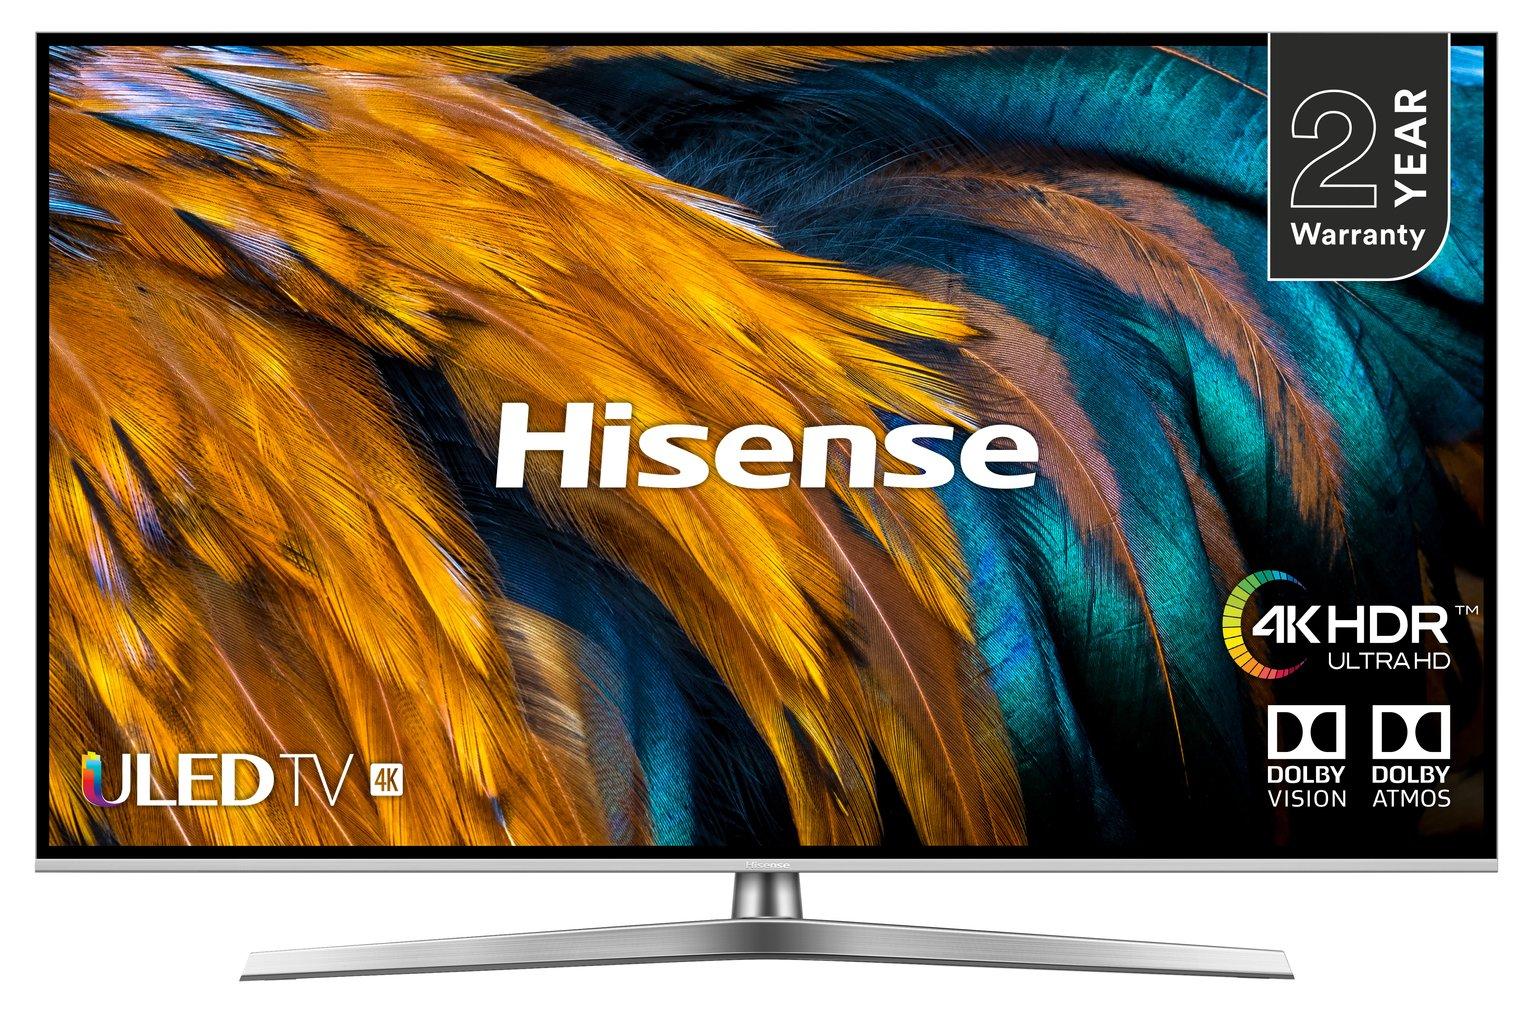 Hisense 55 Inch H55U7BUK Smart 4K HDR LED TV